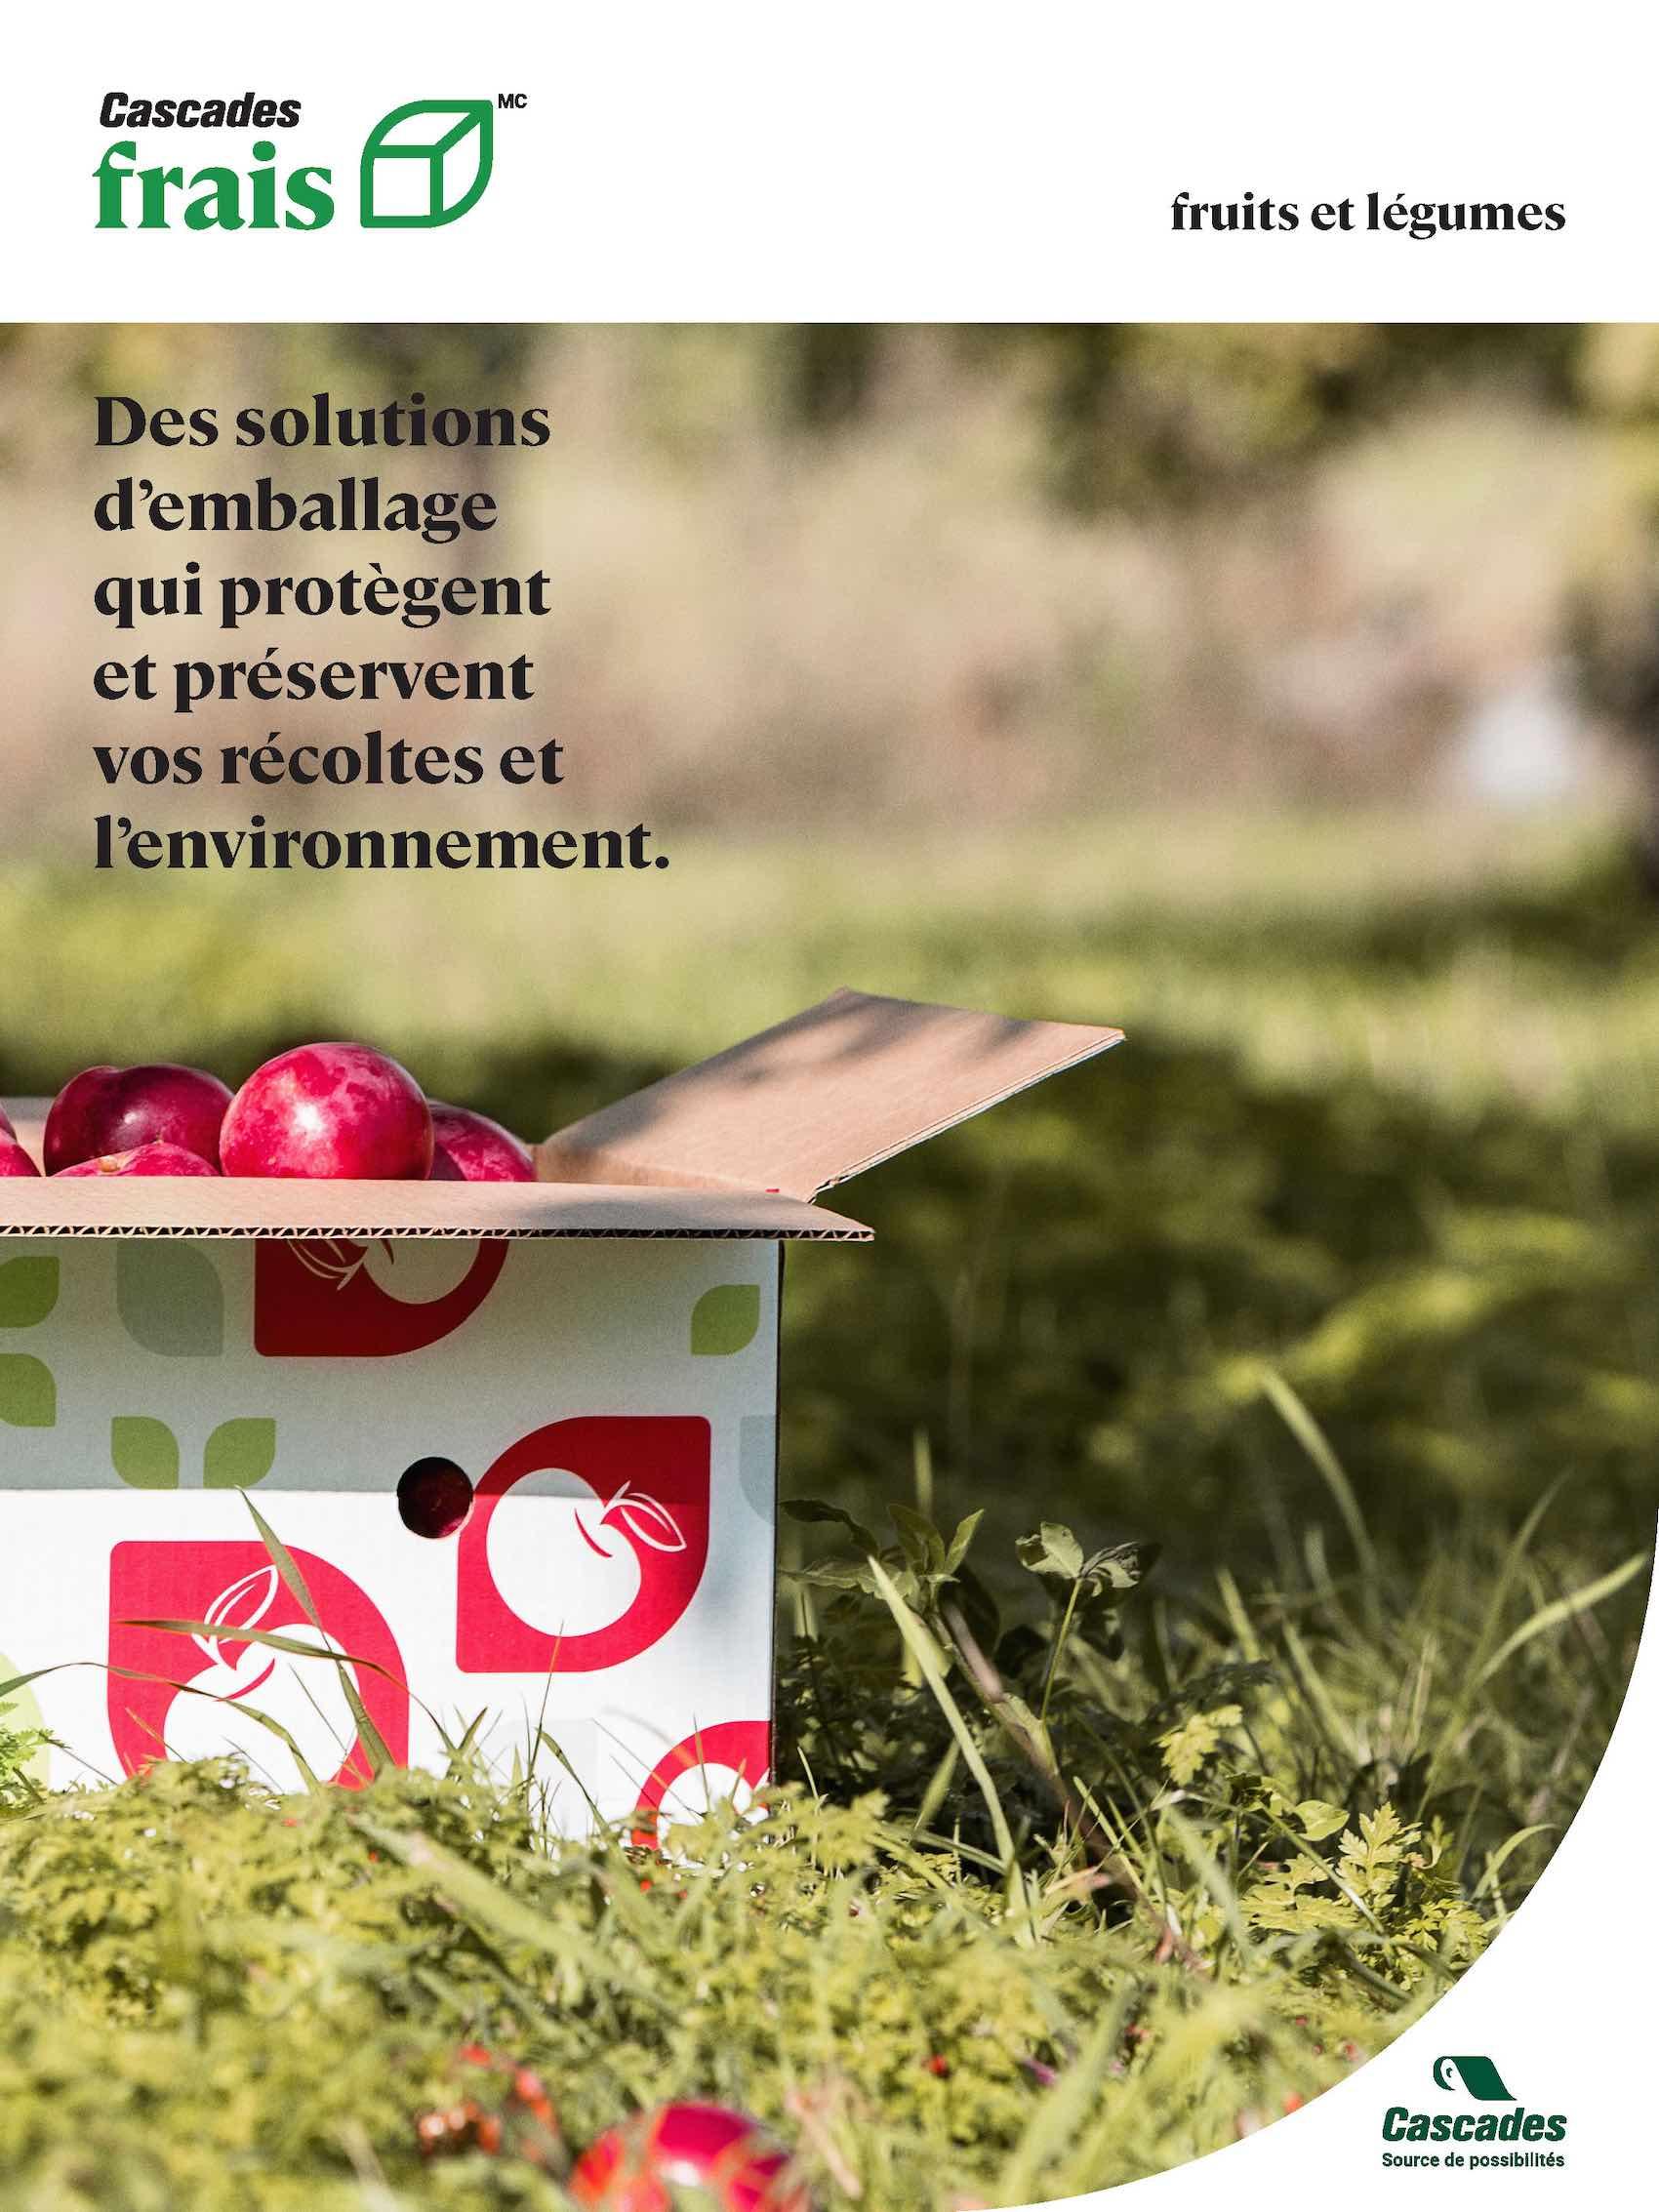 covercascades_brochure_fres-fr